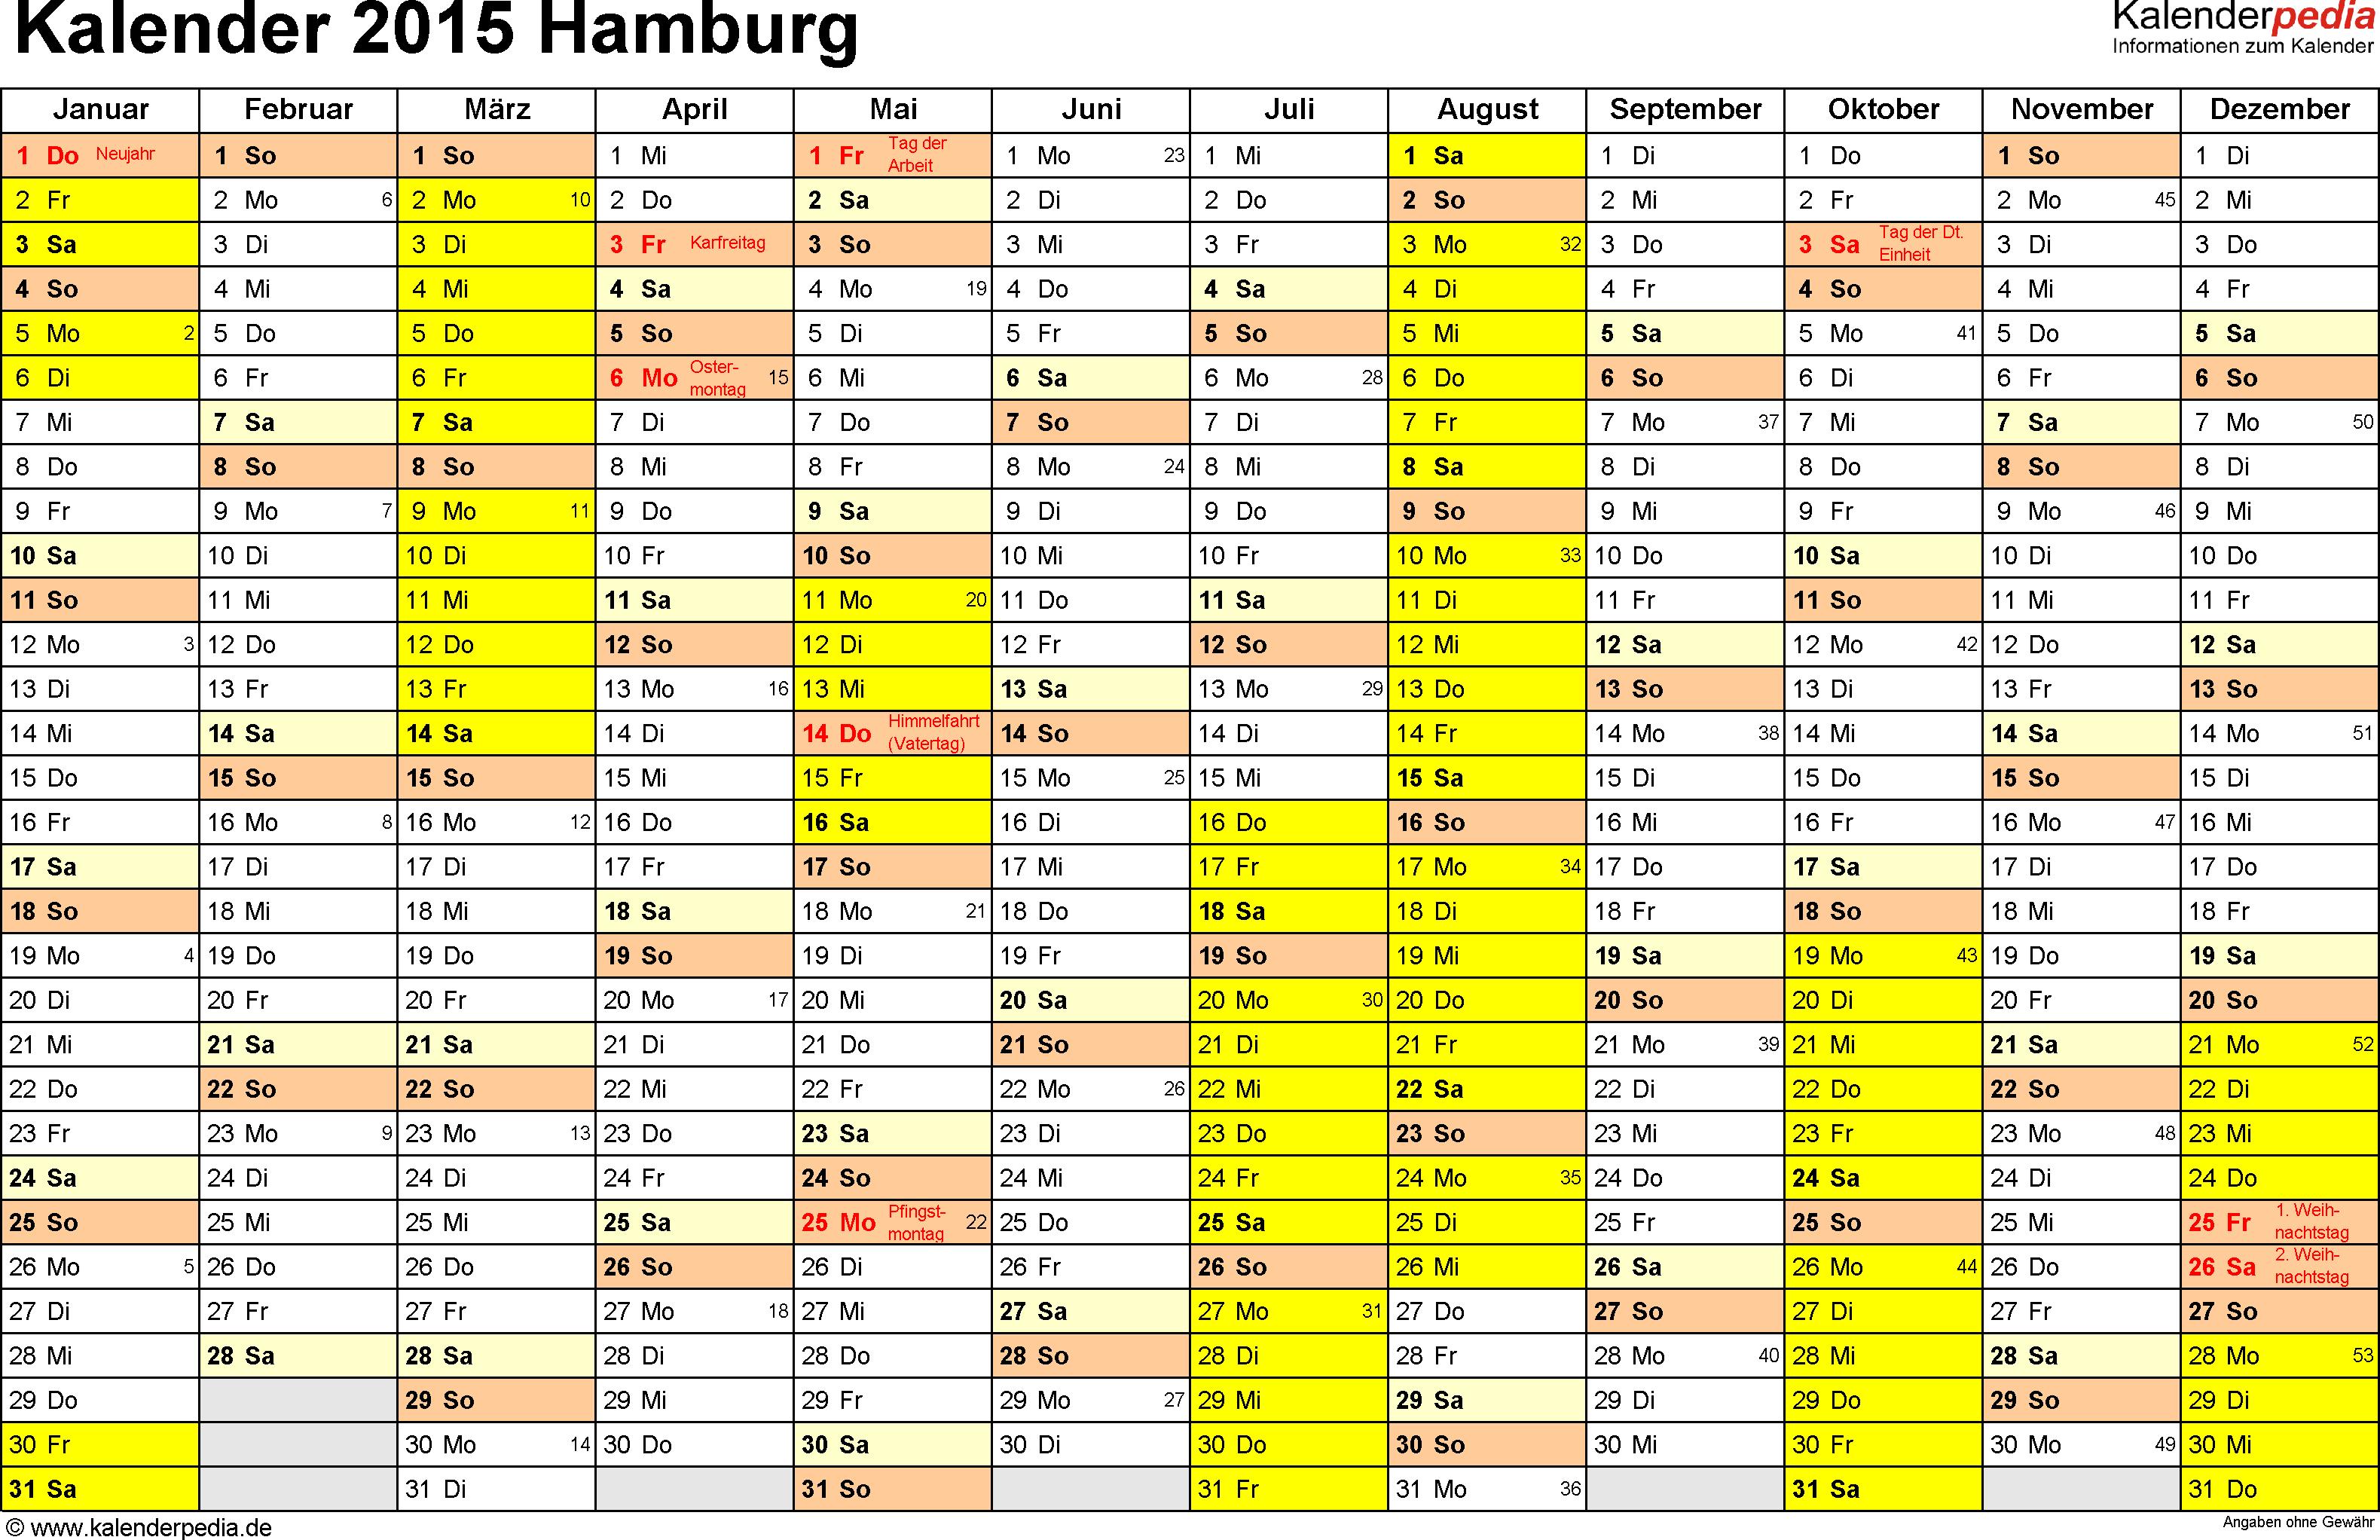 Vorlage 1: Kalender 2015 für Hamburg als Word-Vorlage (Querformat, 1 Seite)